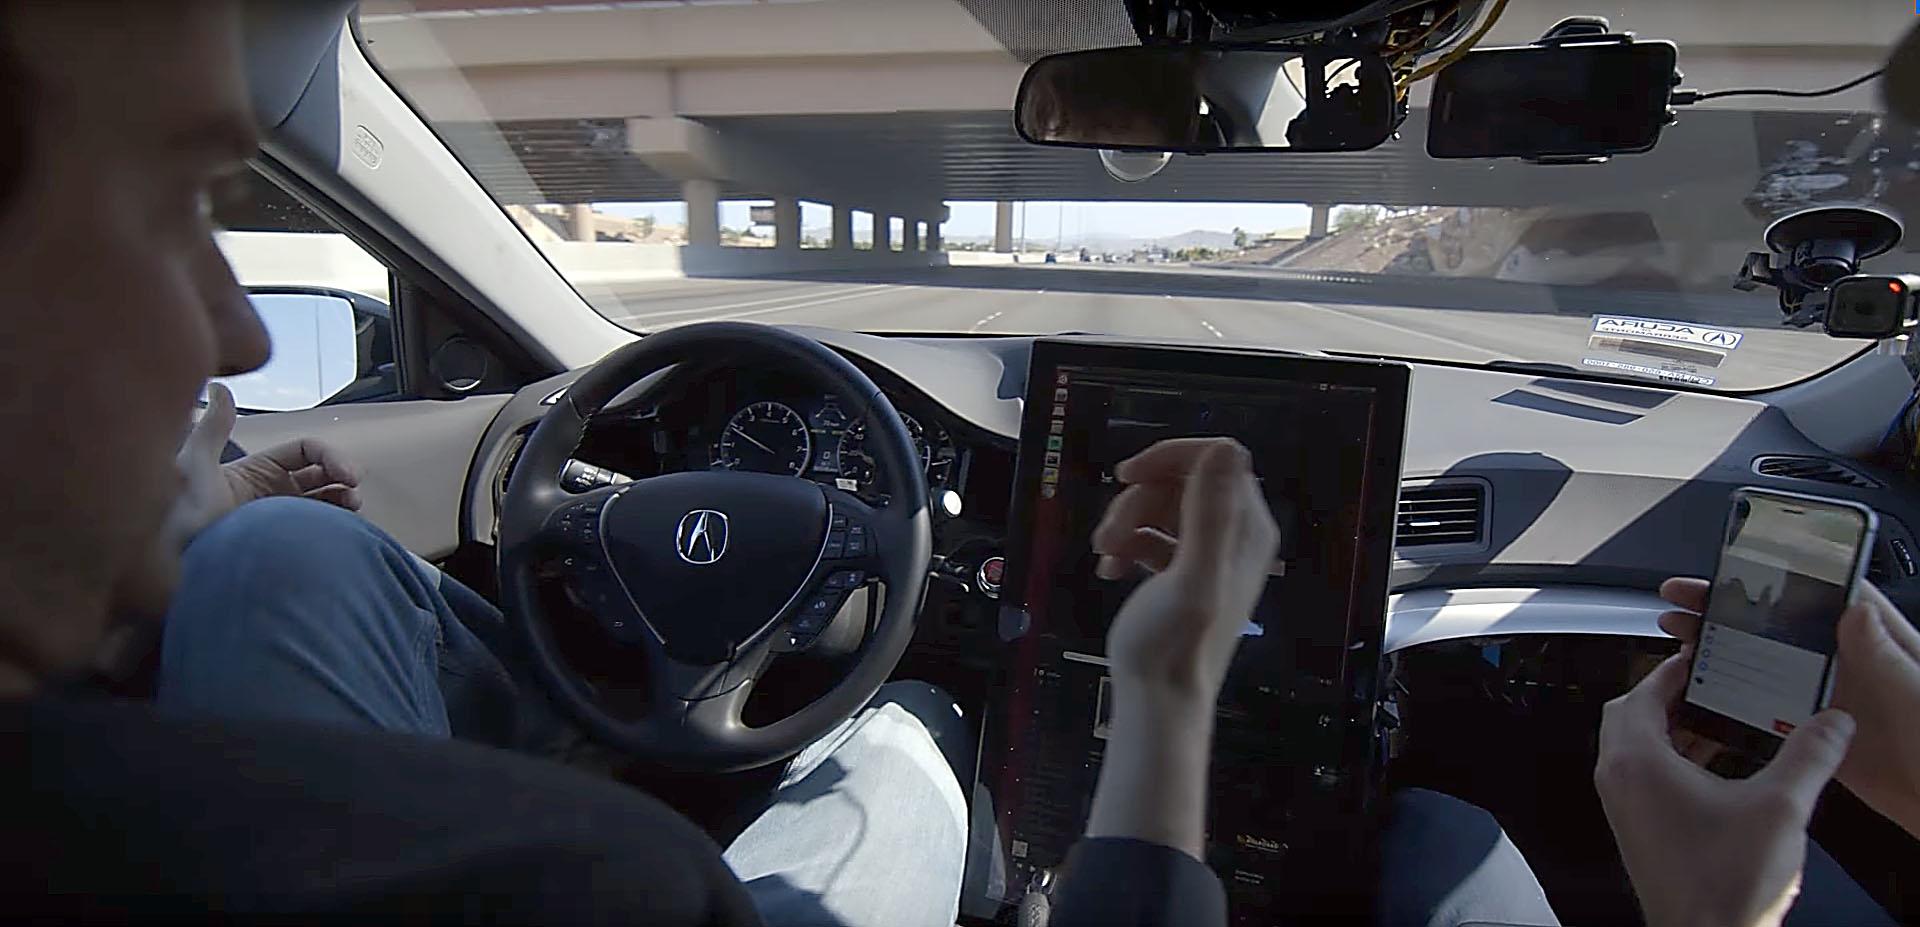 美国交管局将于7月推出无人驾驶验证手机号自动送彩金路试新规